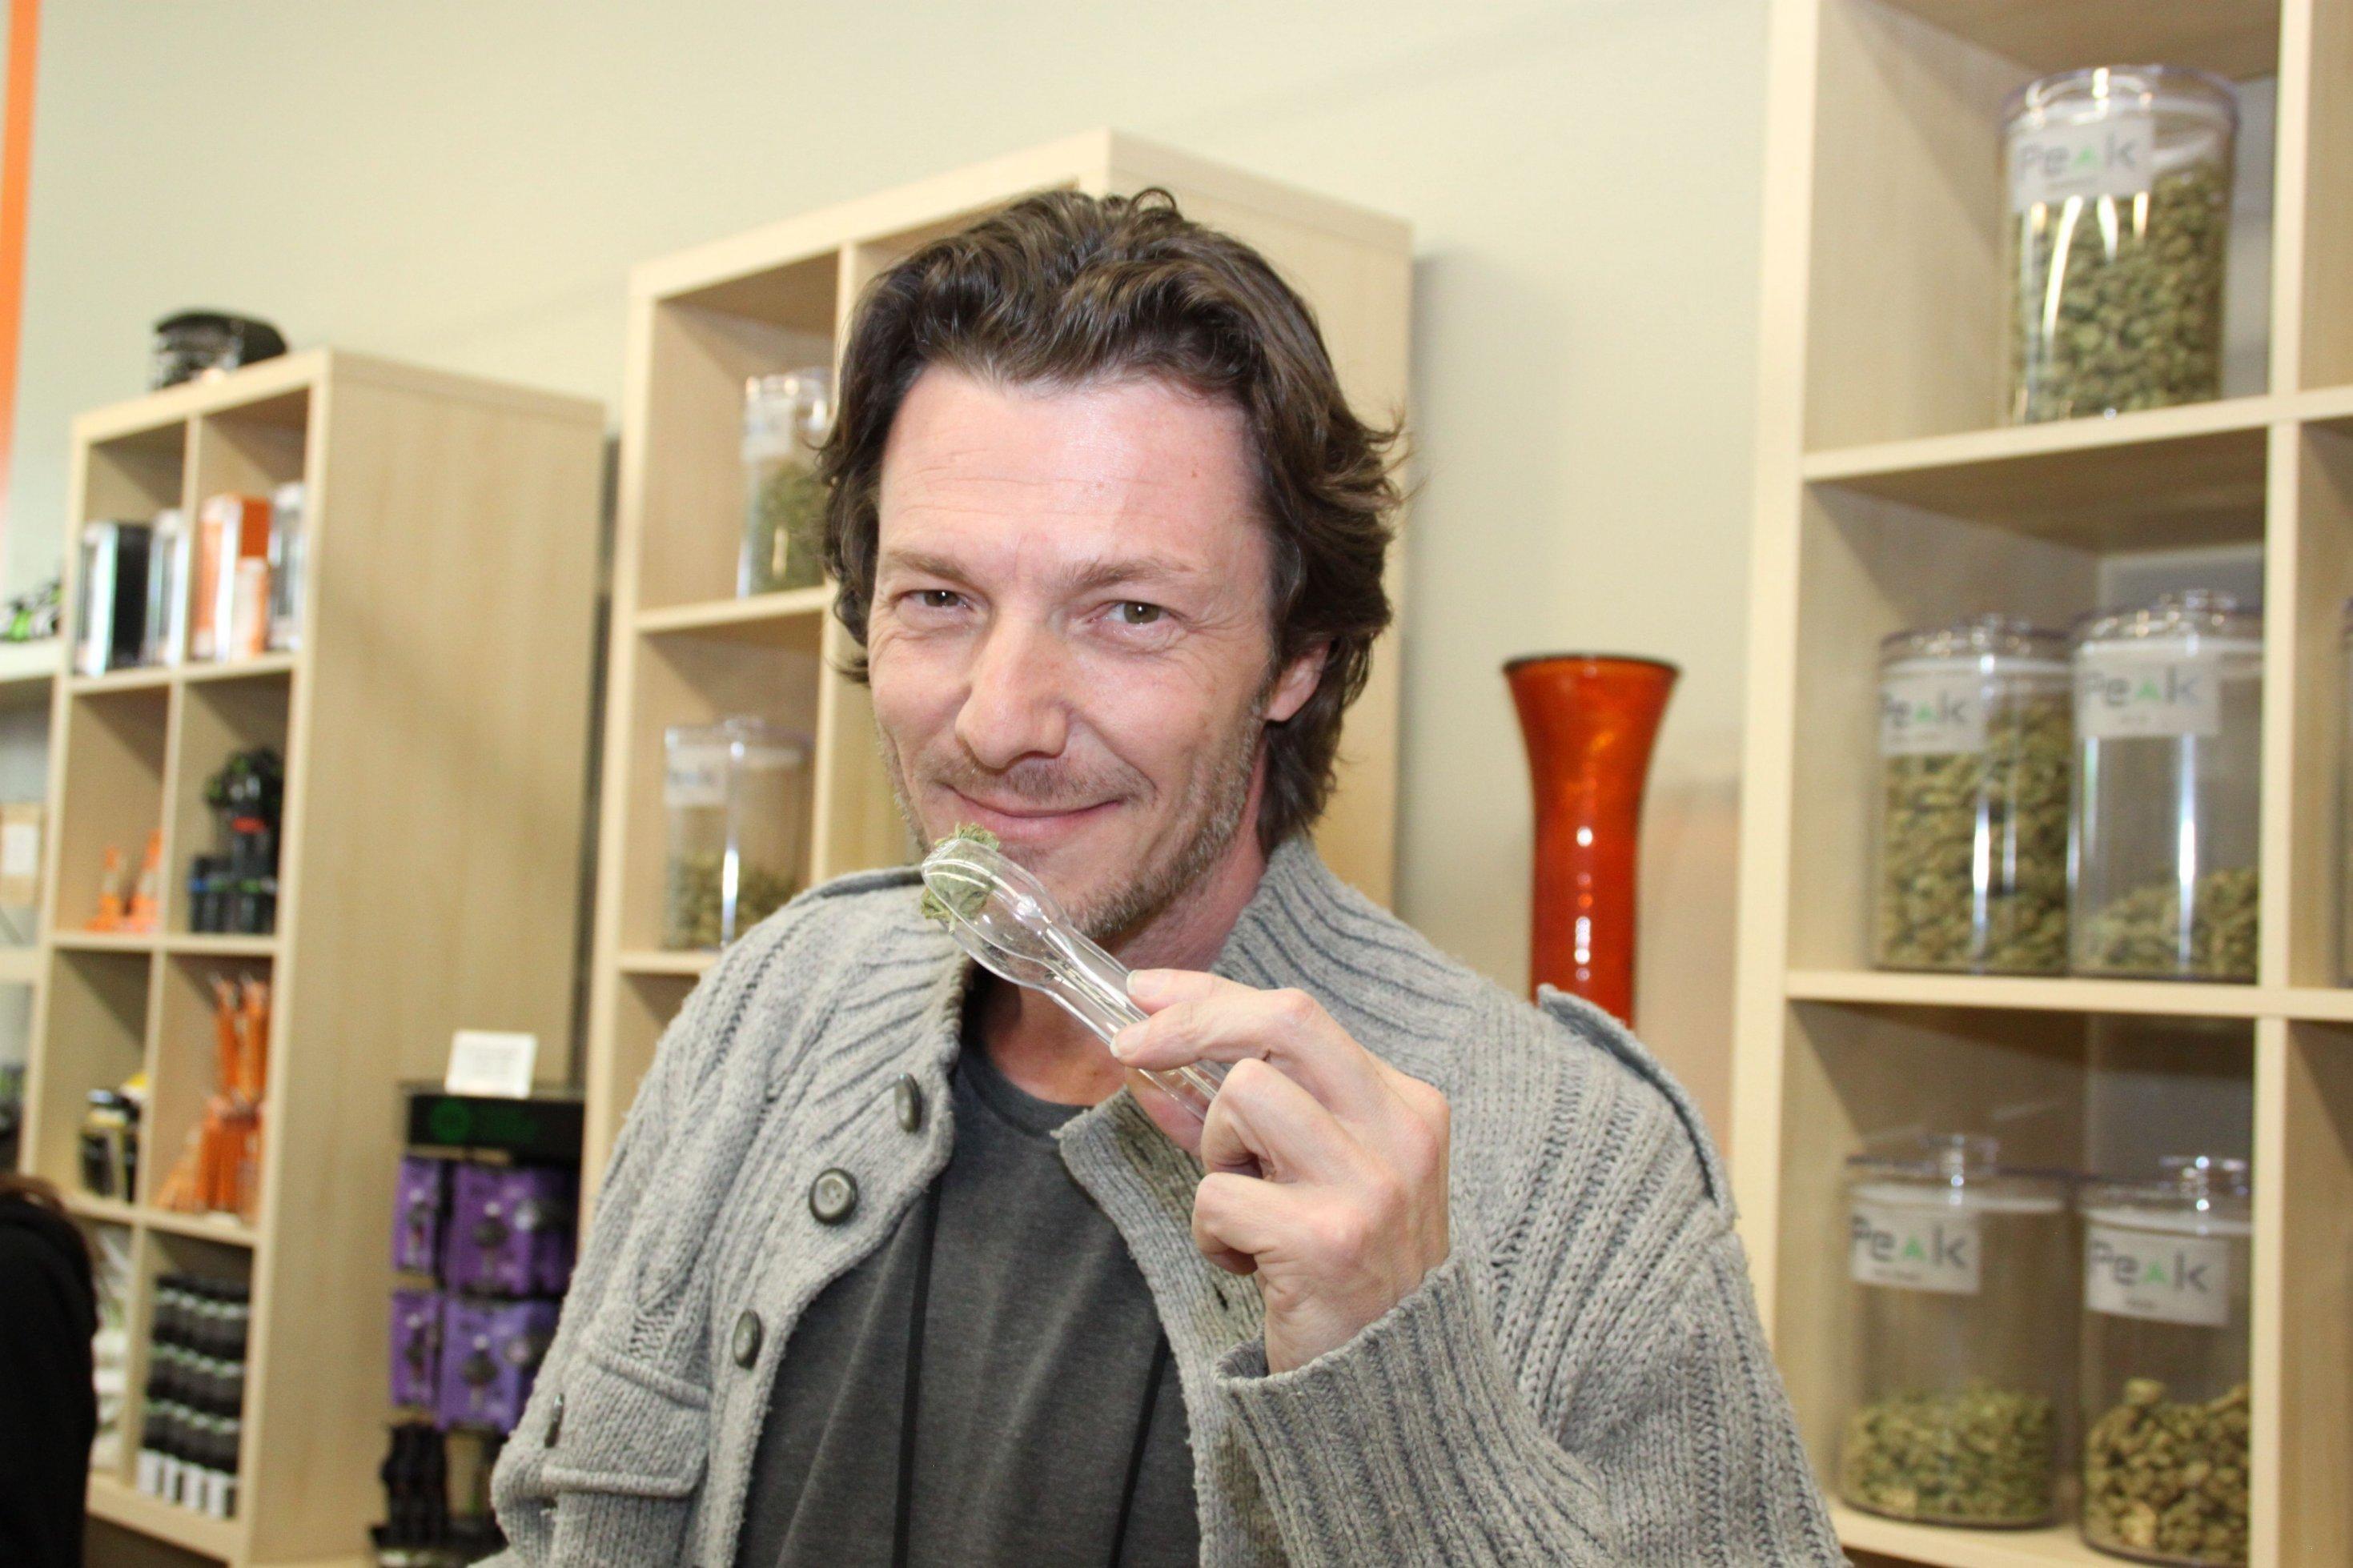 Ein Mann mittleren Alters hält Marihuana-Blüten in einer Zange.